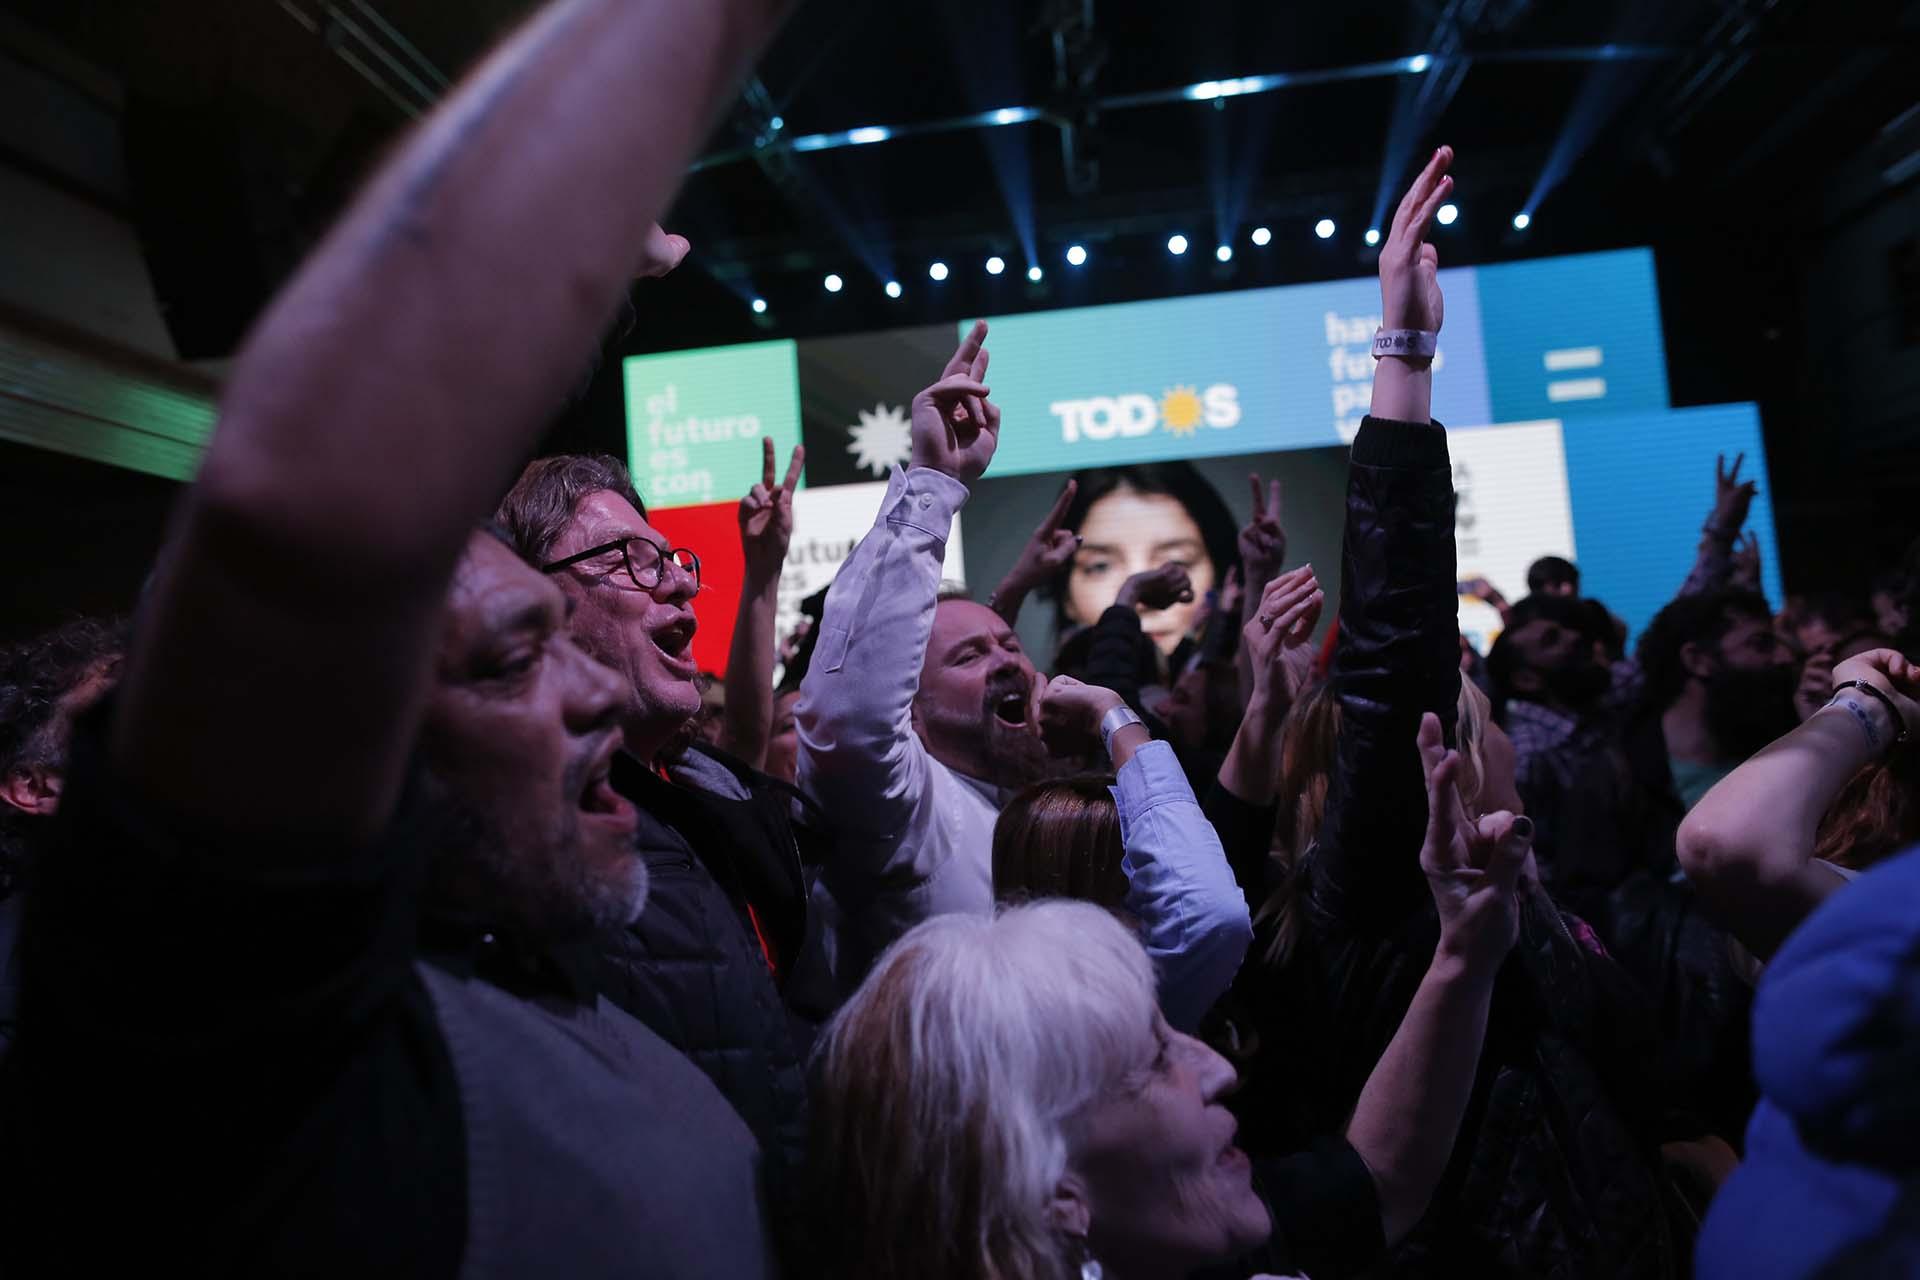 La militancia del Frente de Todos no ocultó su algarabía por los resultados obtenidos(AP Photo/Sebastian Pani)